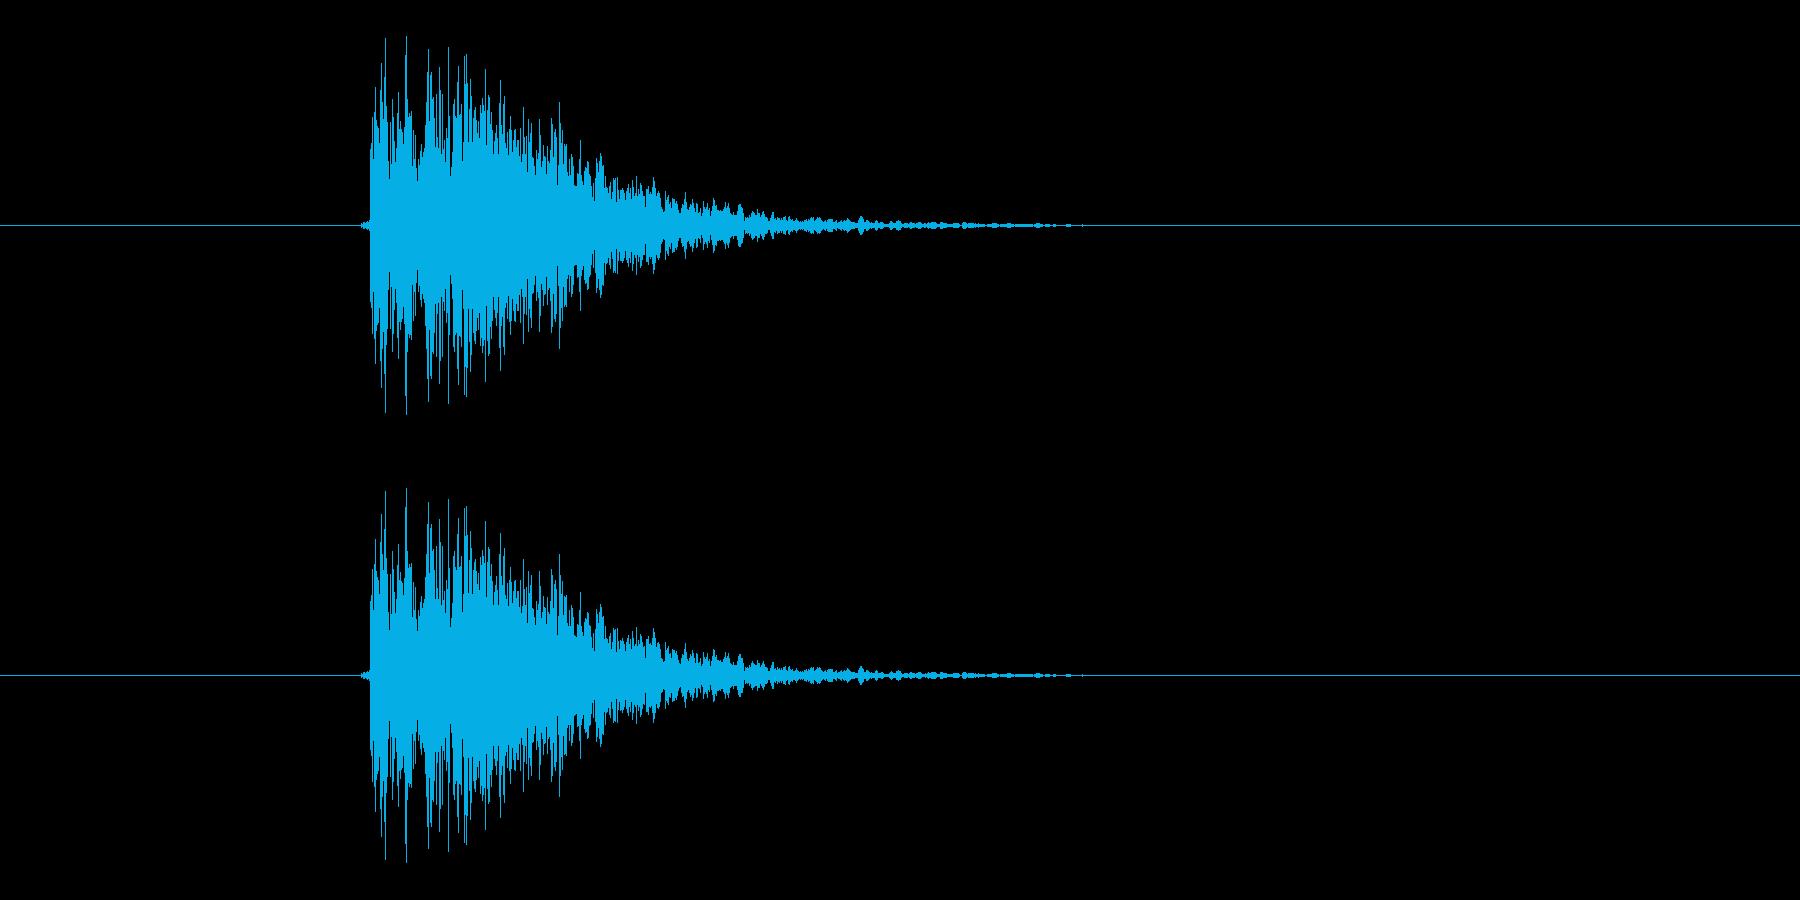 ドシューン(決定音、ドラム)の再生済みの波形